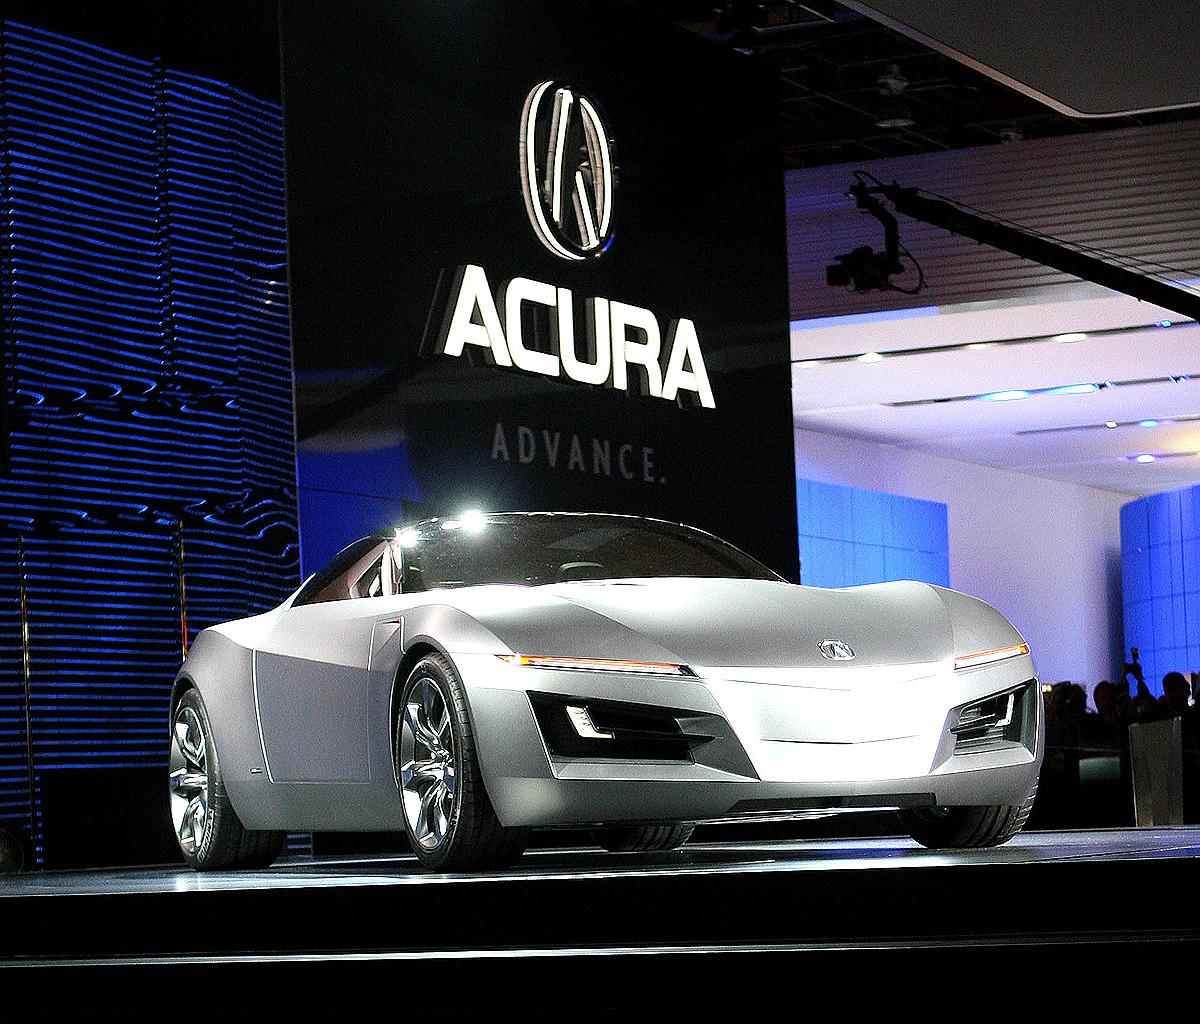 honda scrubs plan to revive, build acura nsx supercar